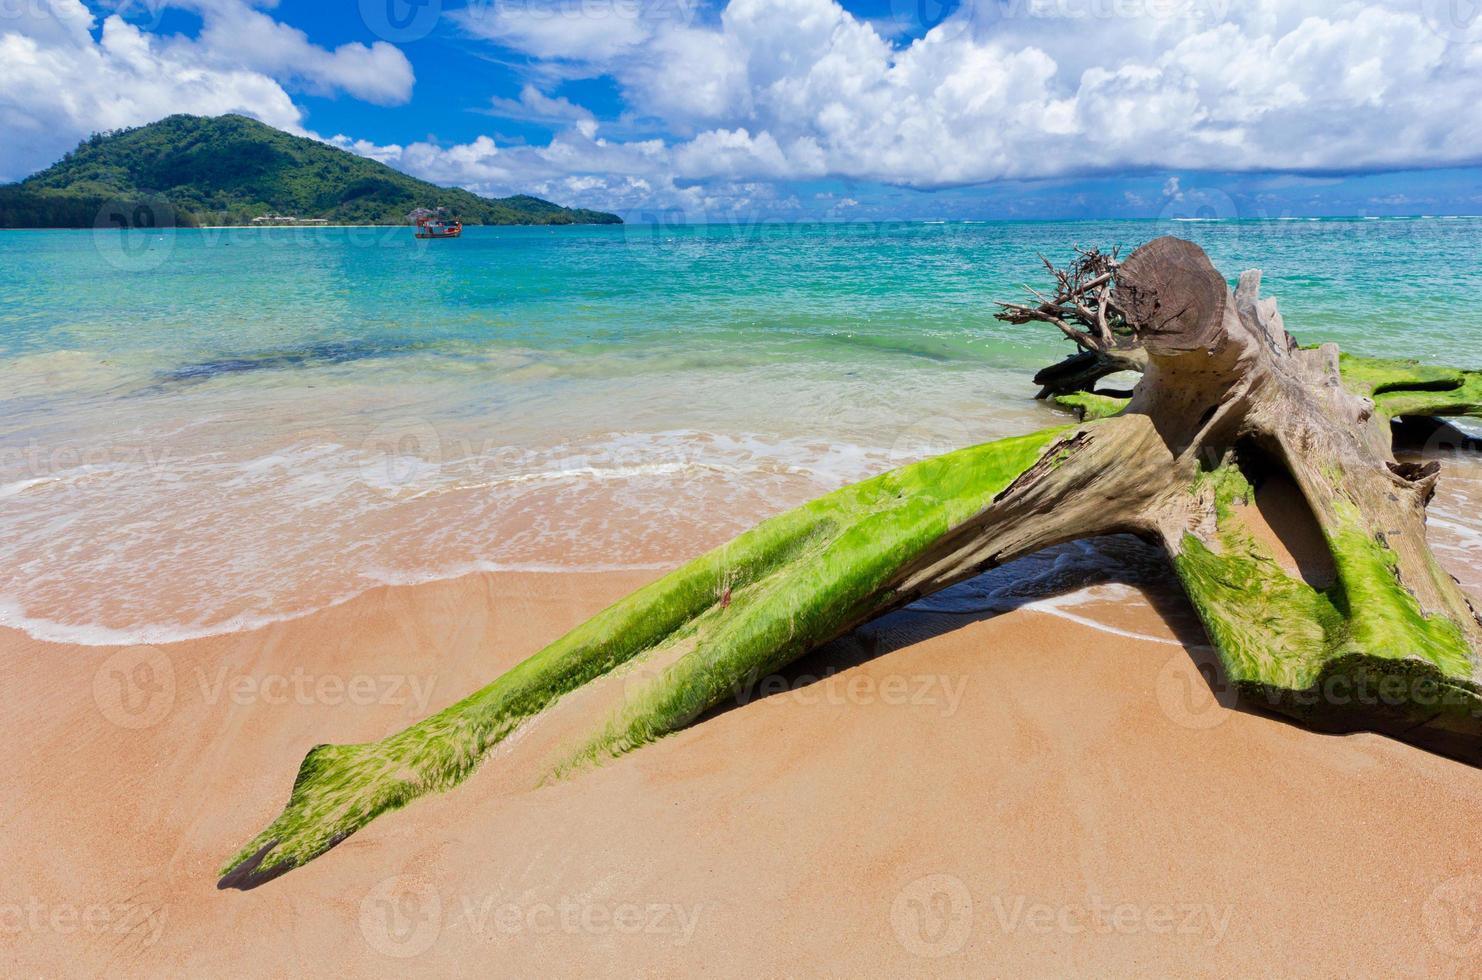 plage tropicale parfaite près de phuket, thaïlande, asie. photo